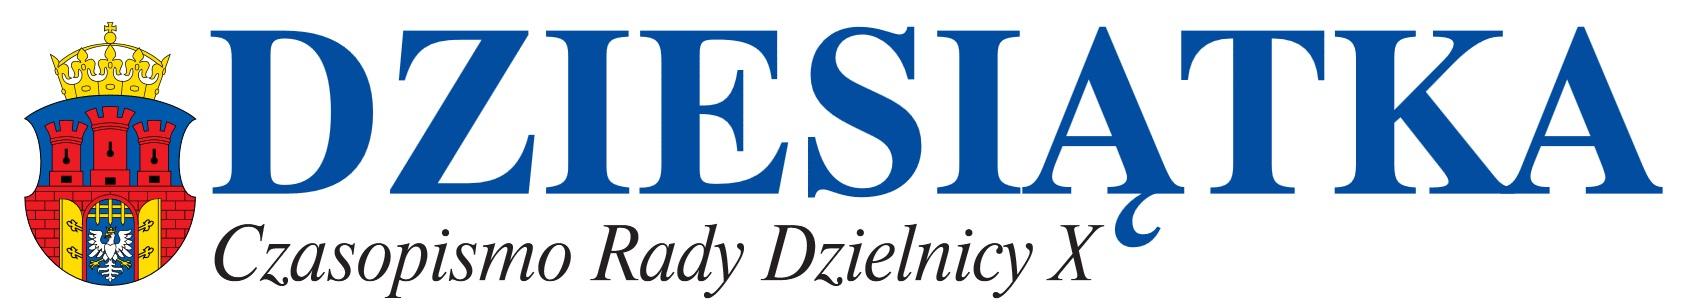 Dziesiątka logo